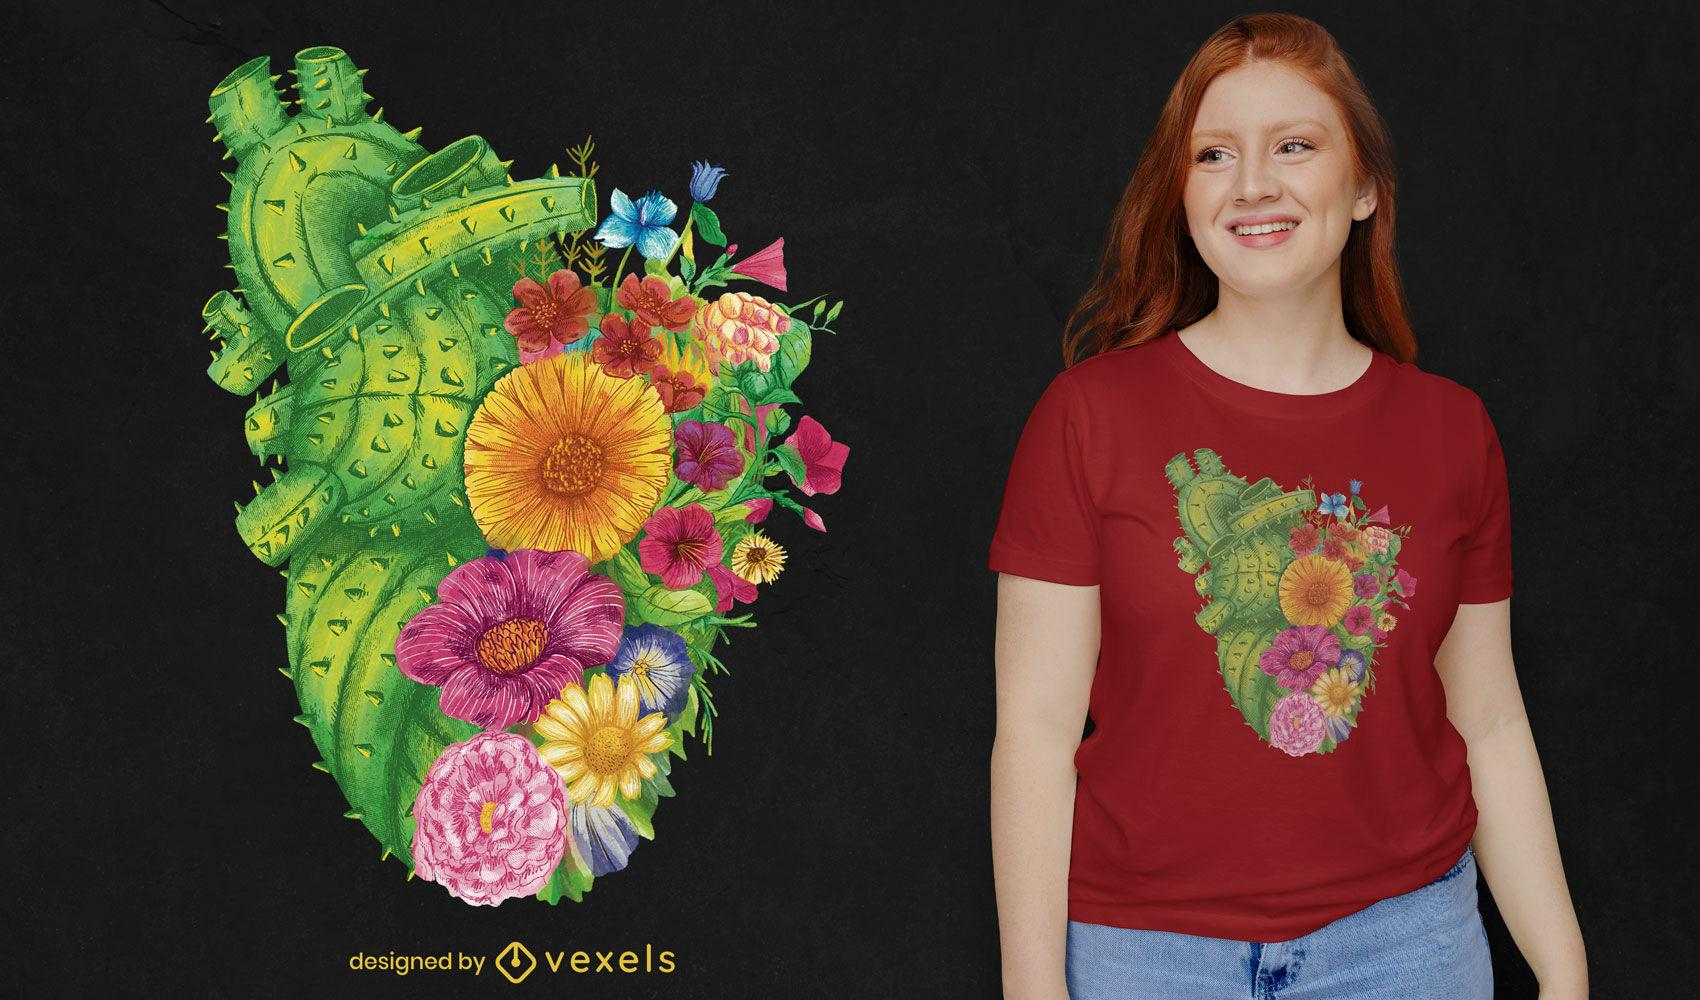 Camiseta de cactus y flores en forma de corazón psd